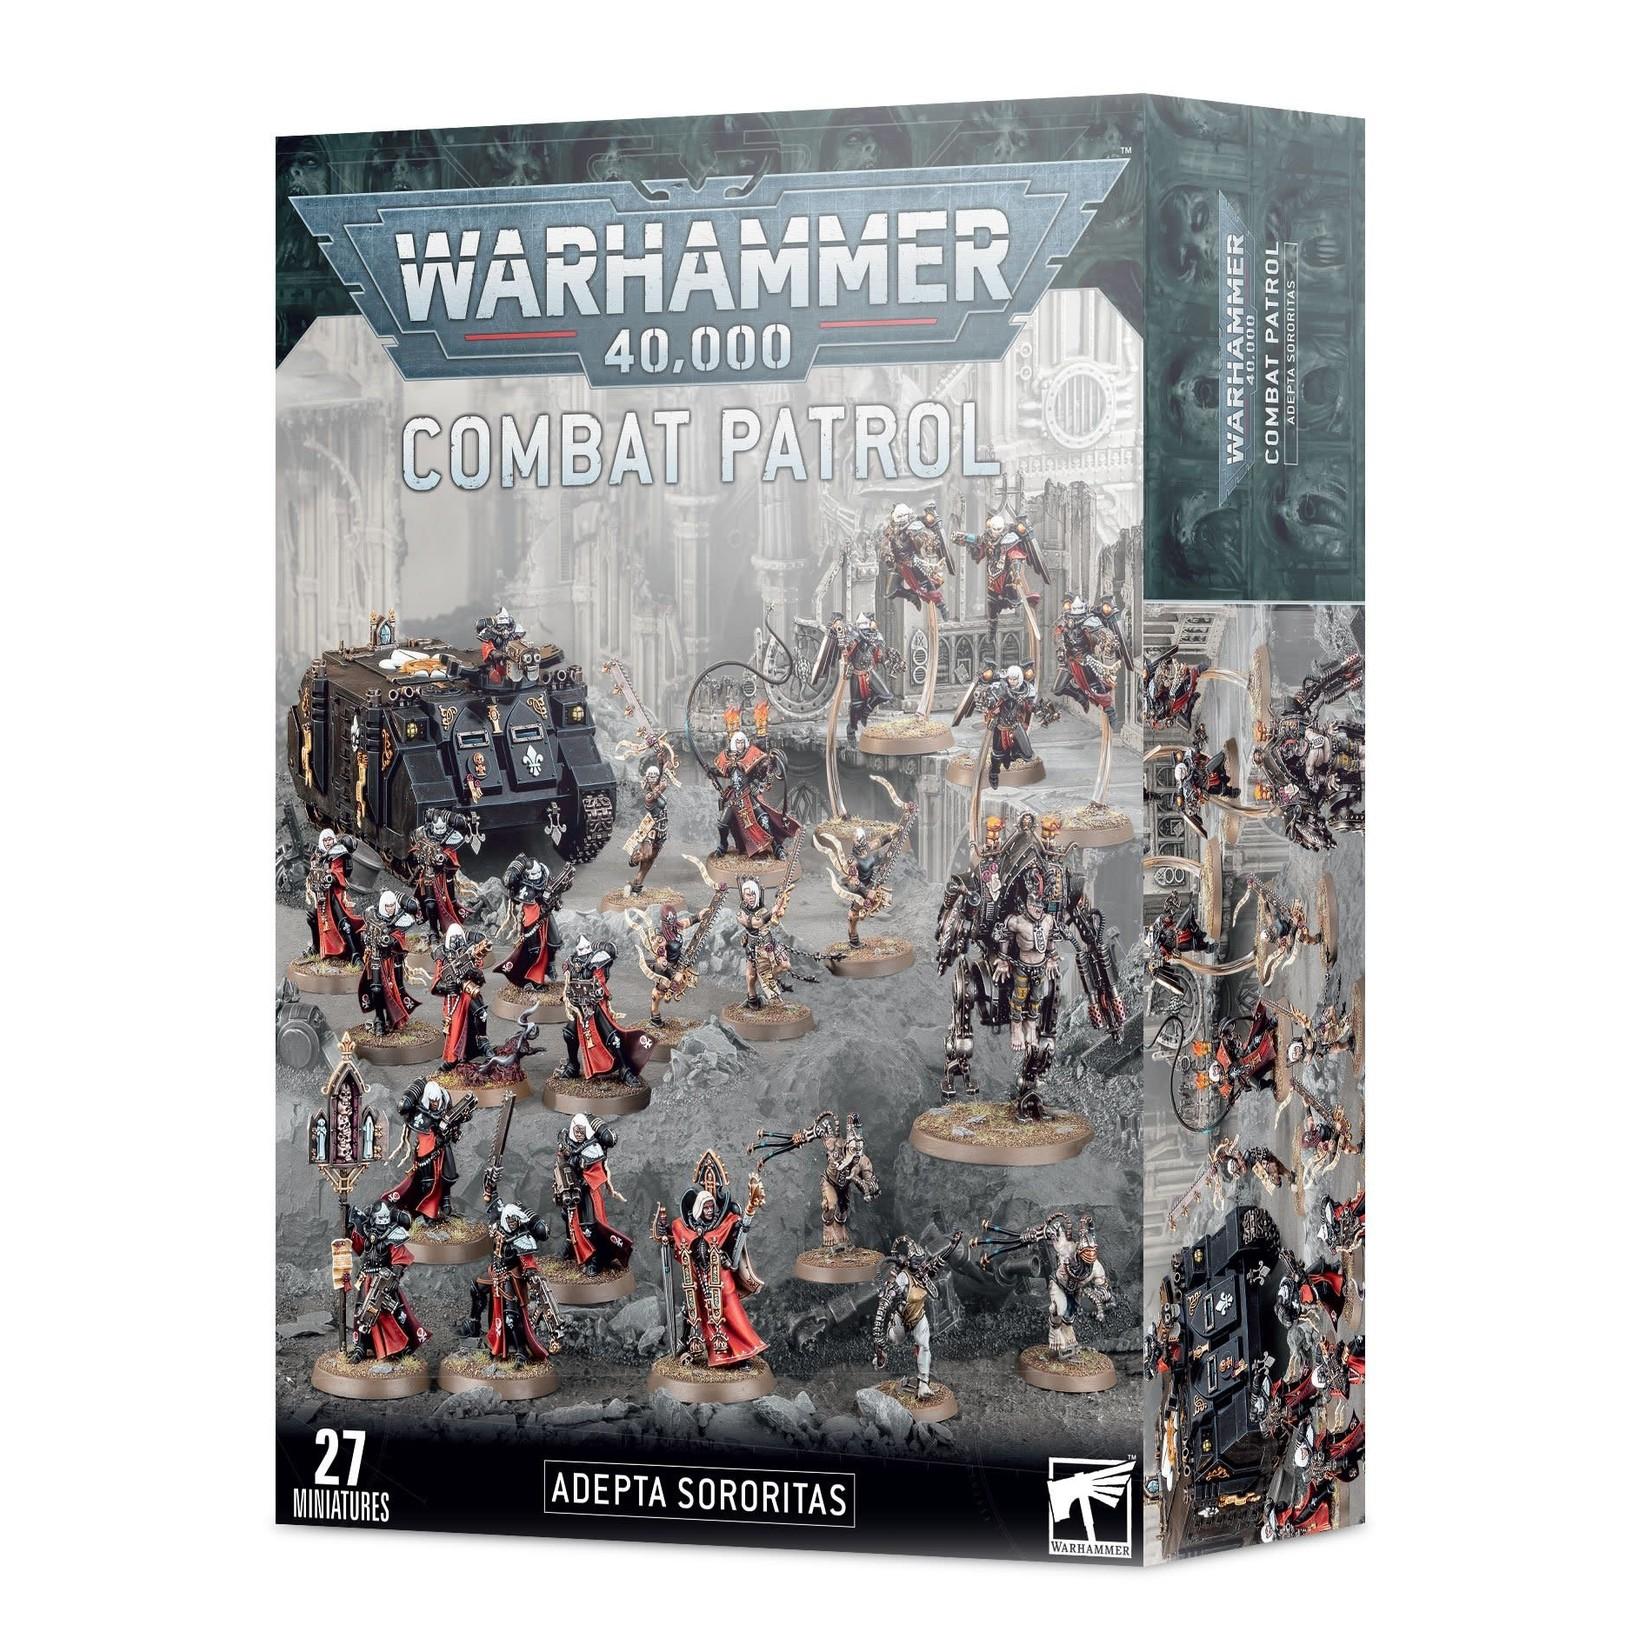 Warhammer 40K Combat Patrol - Adepta Sororitas